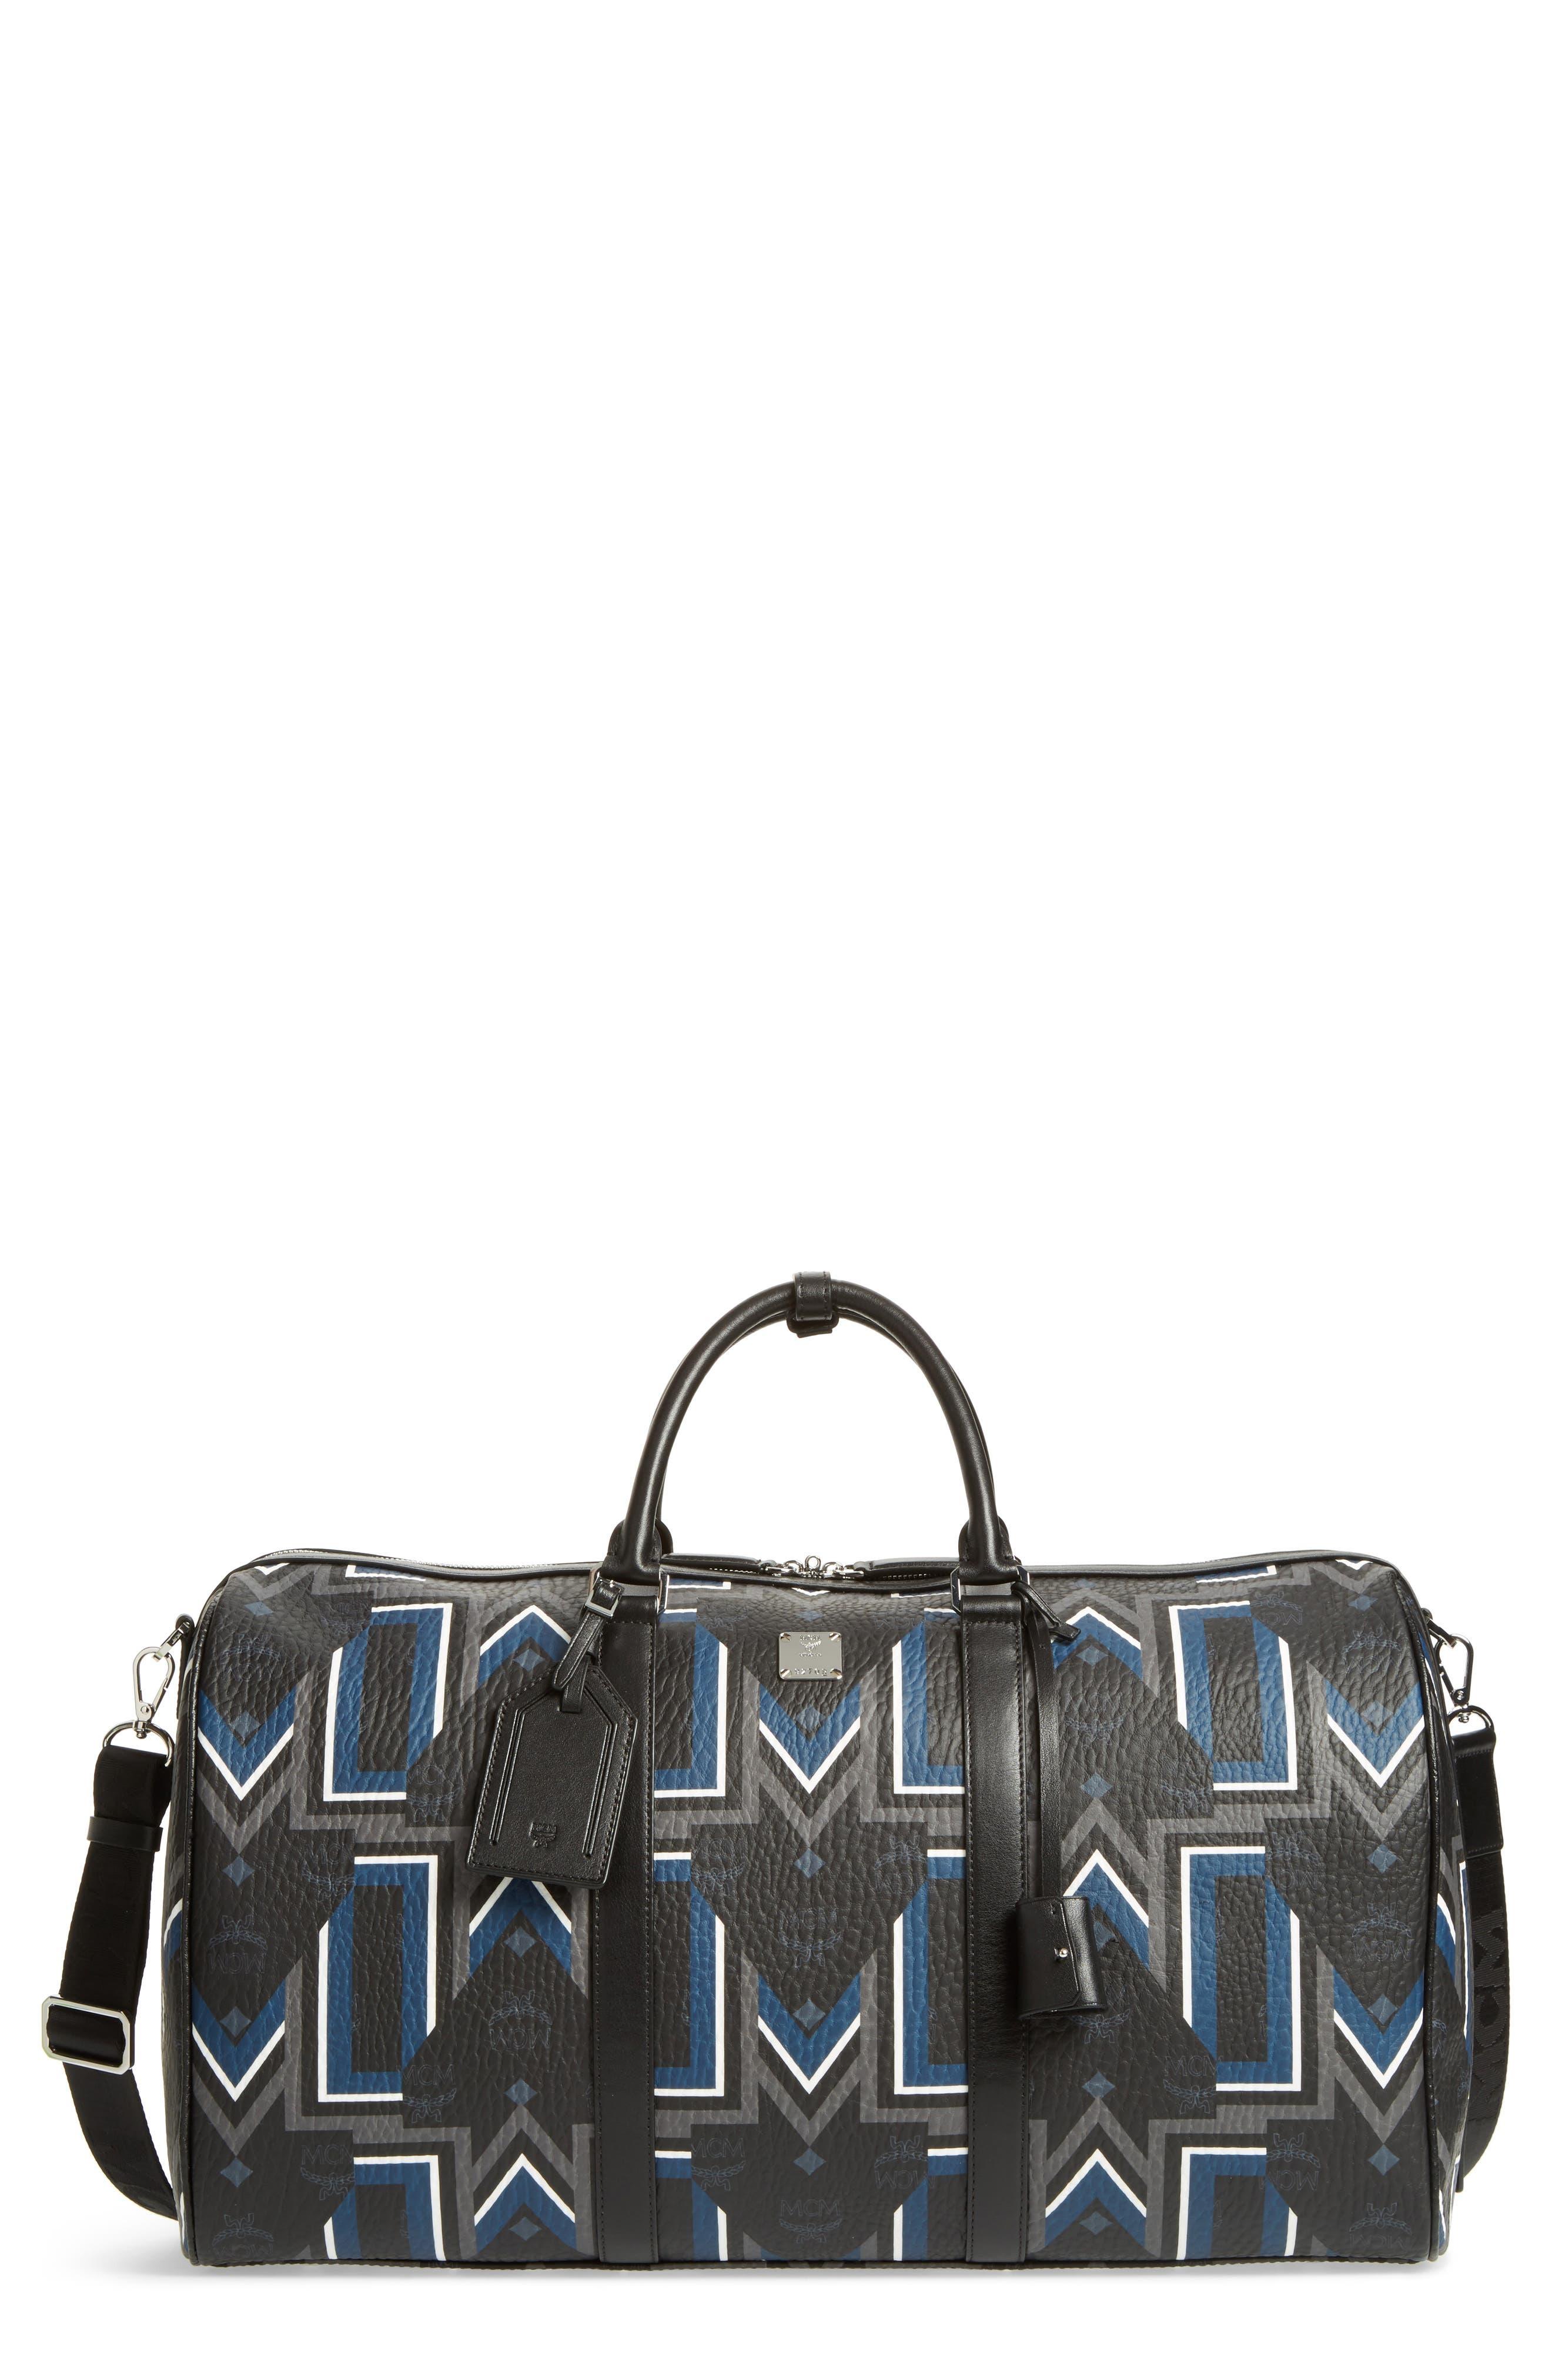 Gunta Visetos Duffel Bag,                         Main,                         color, Black